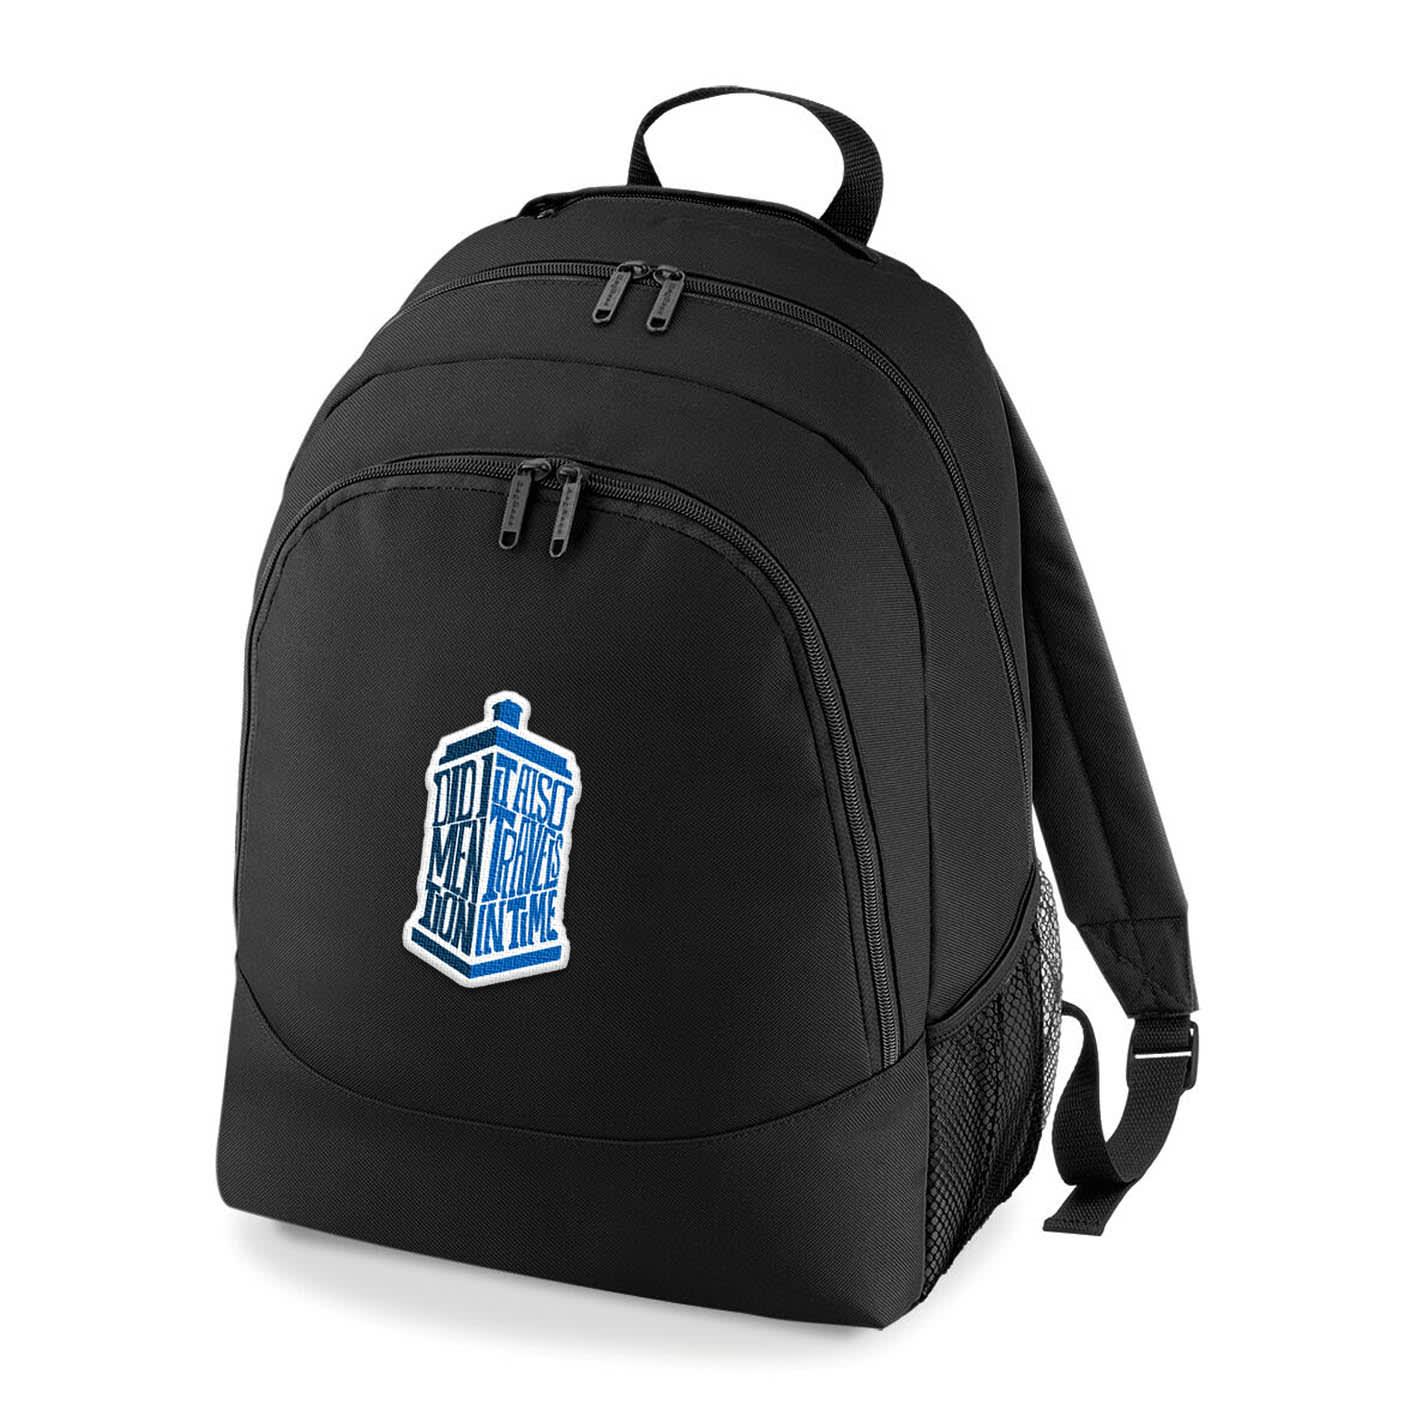 Dr Who Tardis Rucksack Bag